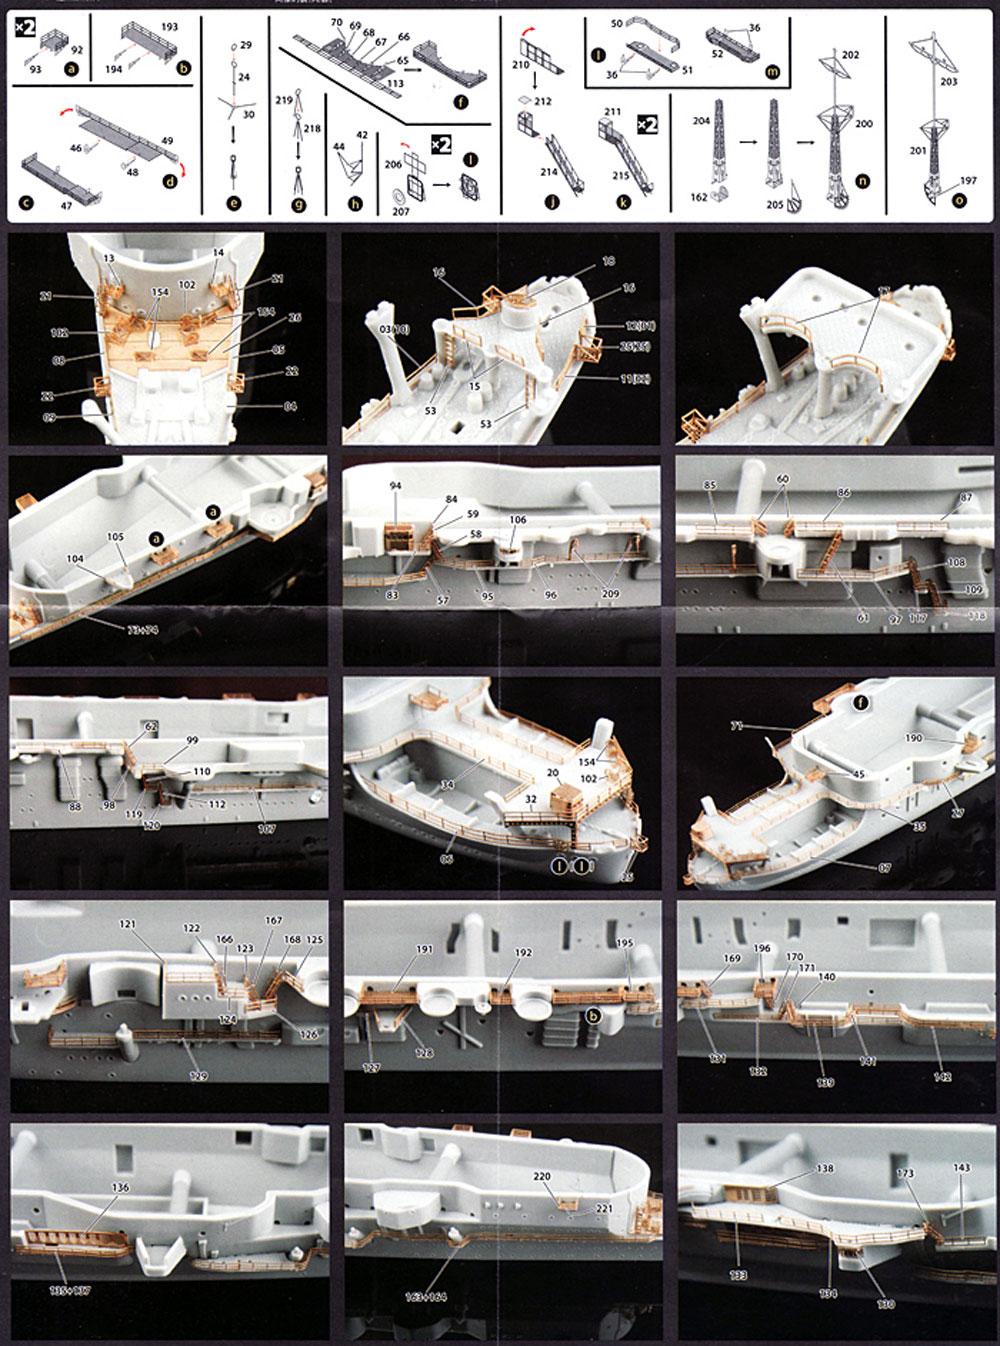 日本海軍 航空母艦 蒼龍 エッチングパーツ w/2ピース 25ミリ機銃エッチング(フジミ1/700 艦船模型用グレードアップパーツNo.特016EX-101)商品画像_3